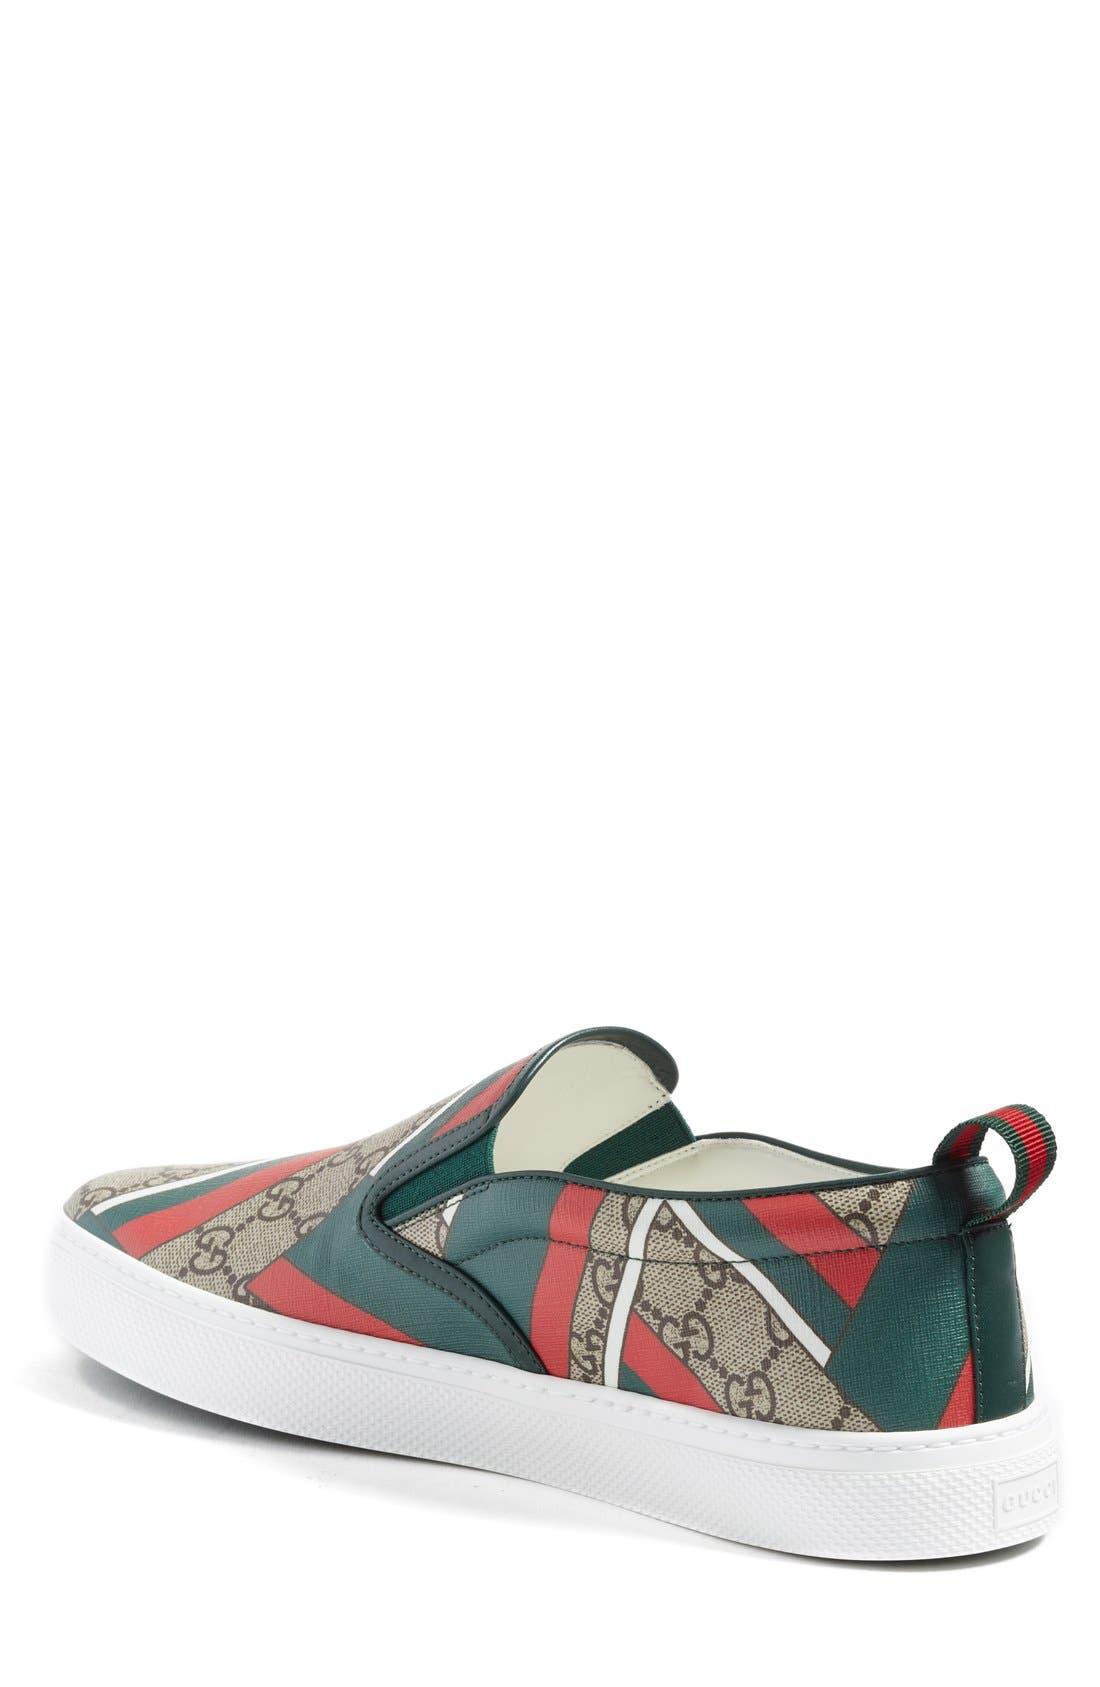 Dublin Slip-On Sneaker,                             Alternate thumbnail 25, color,